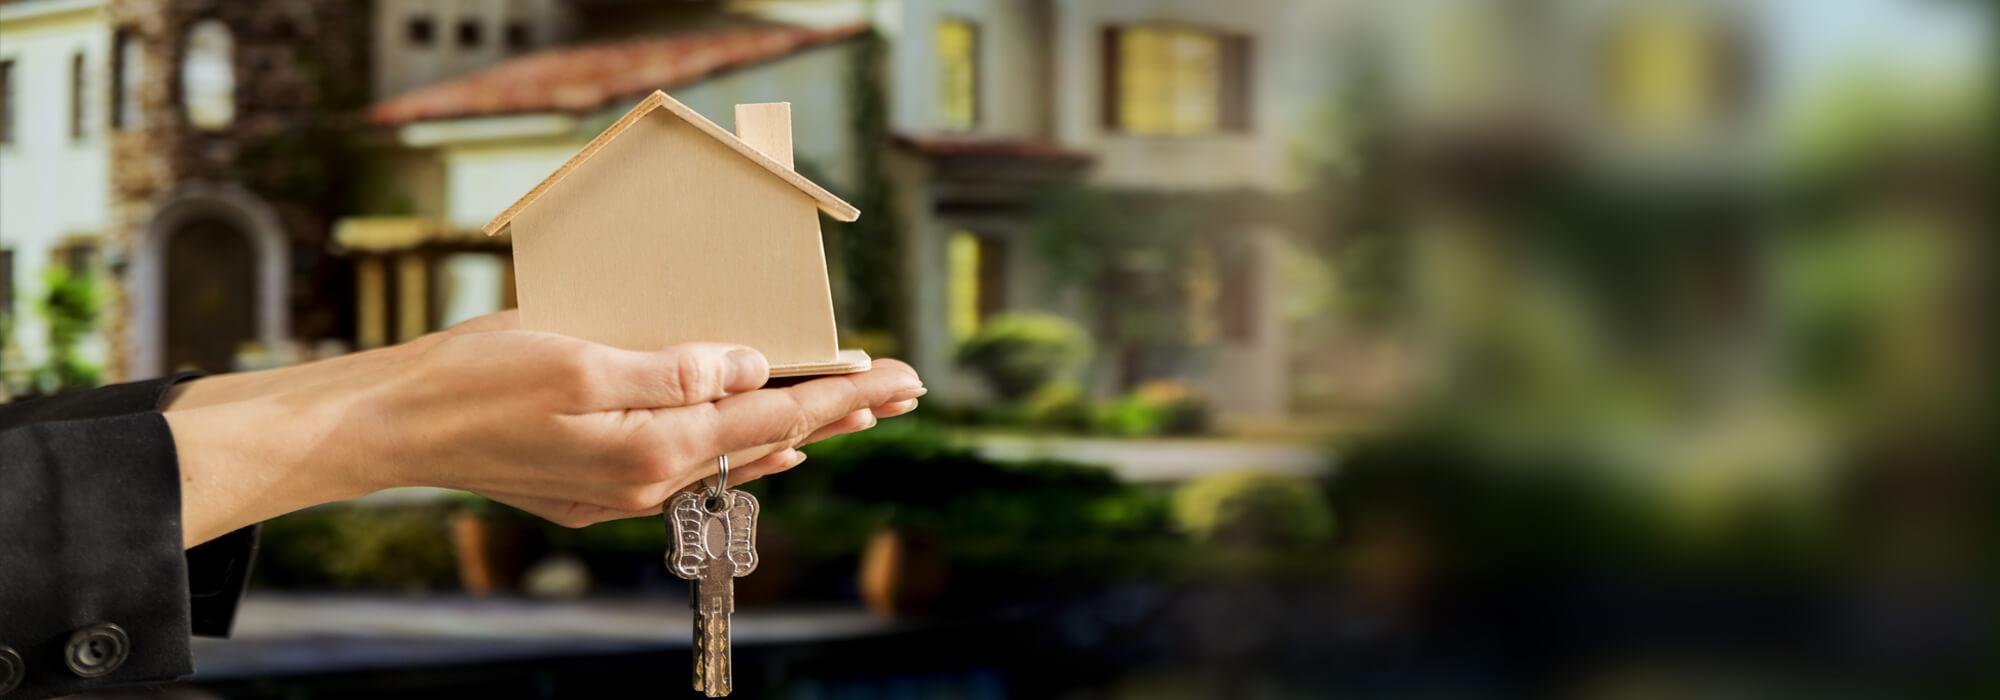 رهن و اجاره و خرید آپارتمان و فروش ملک